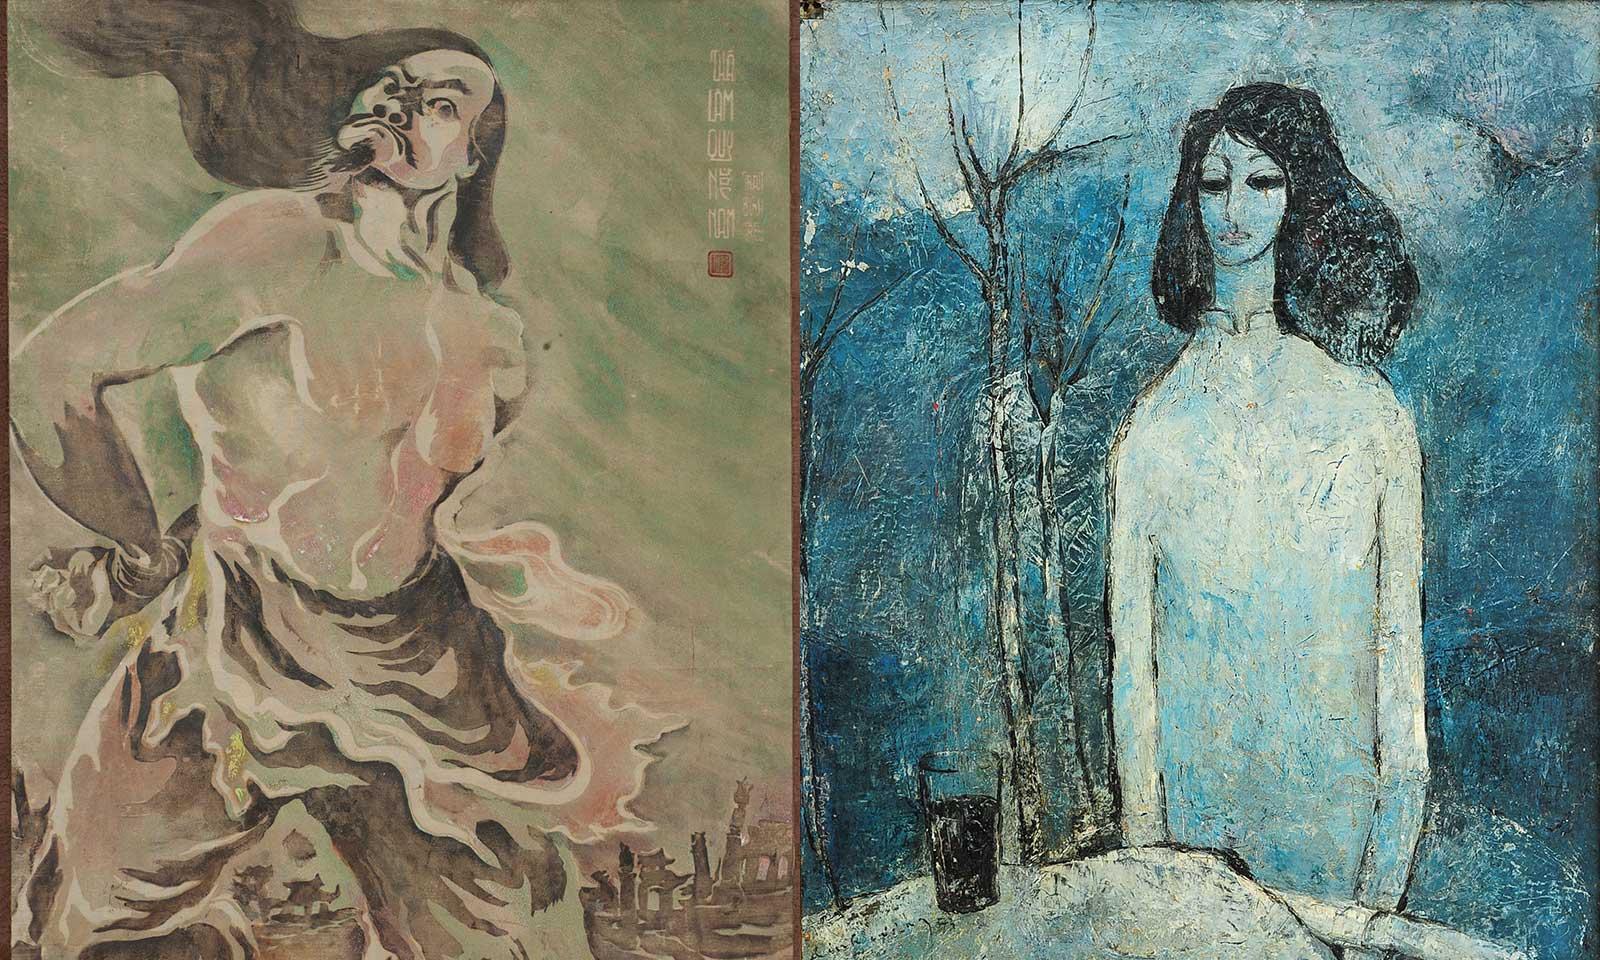 Cảm hứng phương Đông và phiên đấu giá đặc biệt cho người yêu thích hội họa miền Nam trước 1975